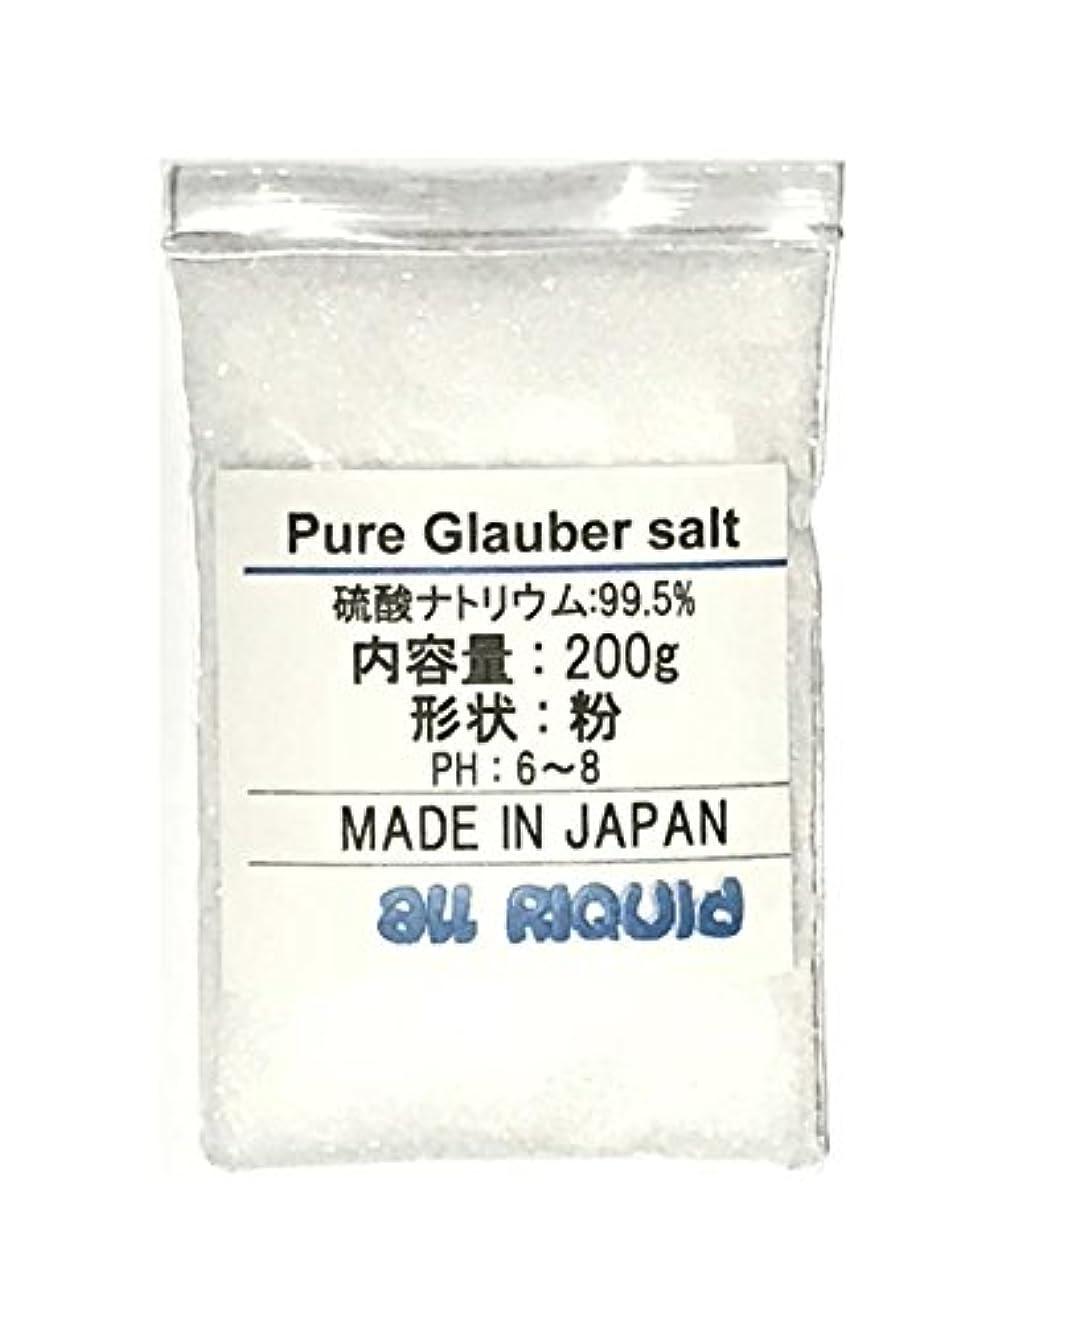 誇りそんなに彼女は純 グラウバーソルト 200g x2 (硫酸ナトリウム) 20回分 99.5% 国産品 オールリキッド 芒硝 バニラオイル配合